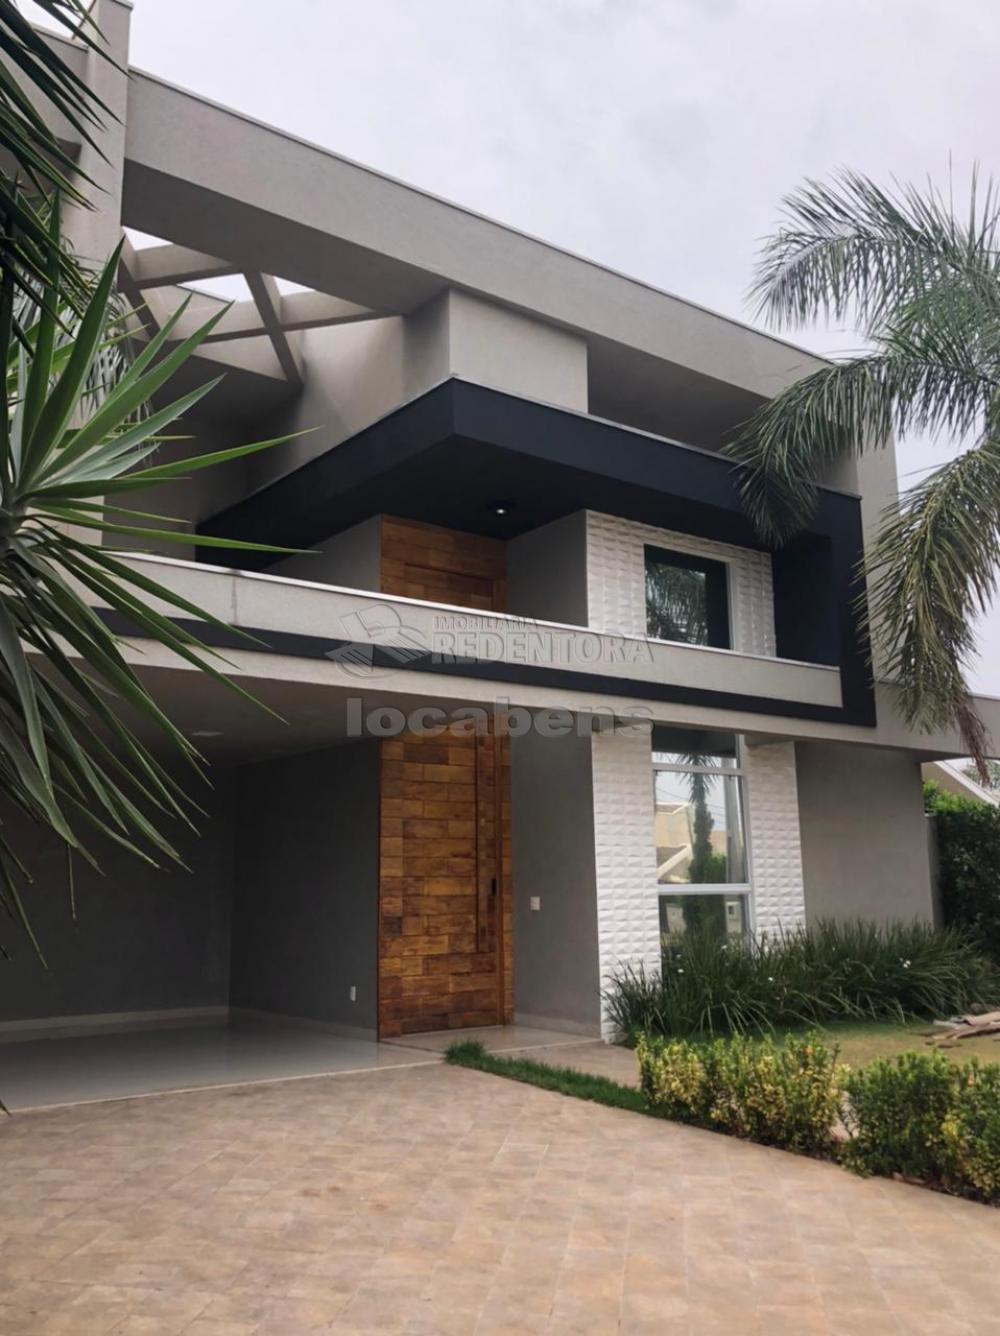 Comprar Casa / Condomínio em São José do Rio Preto R$ 1.300.000,00 - Foto 1